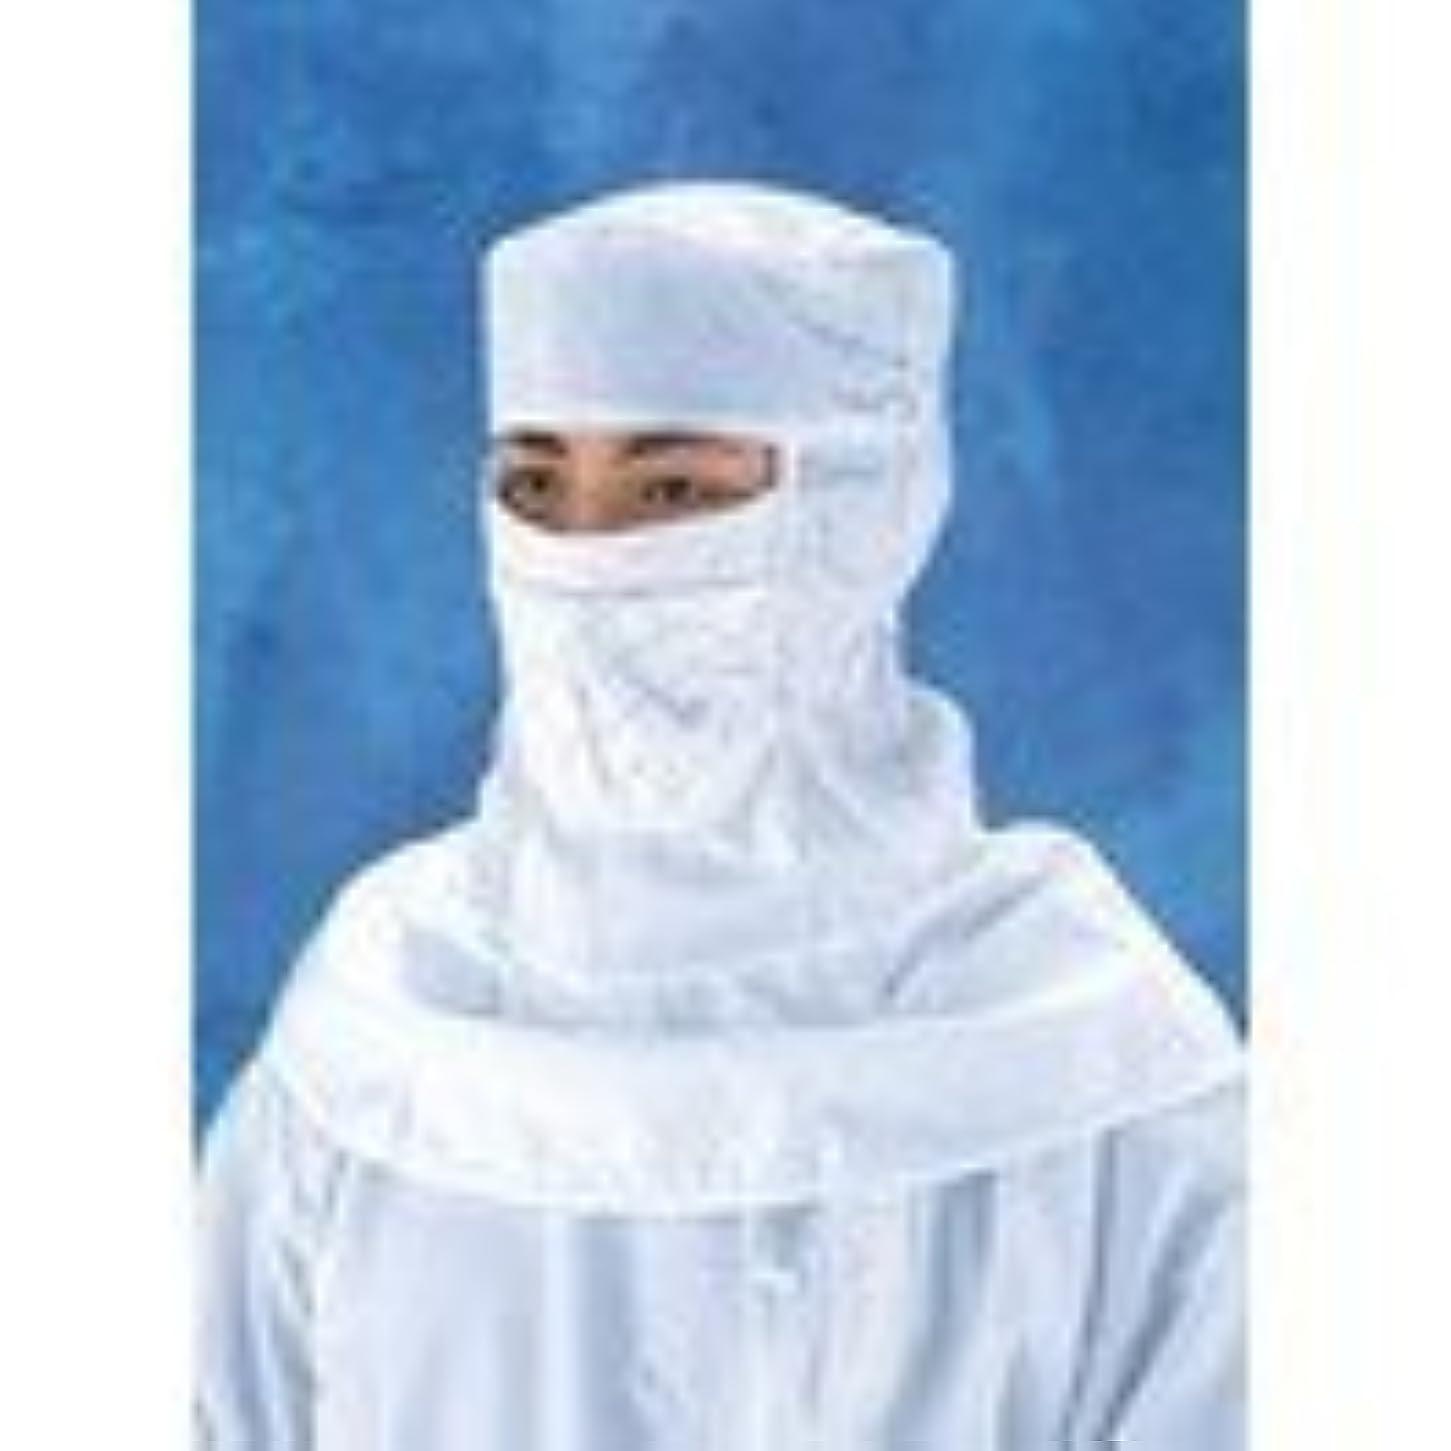 対話凶暴なフェローシップTGK クリーンルーム用衣服 PA1754 白L 0285251007